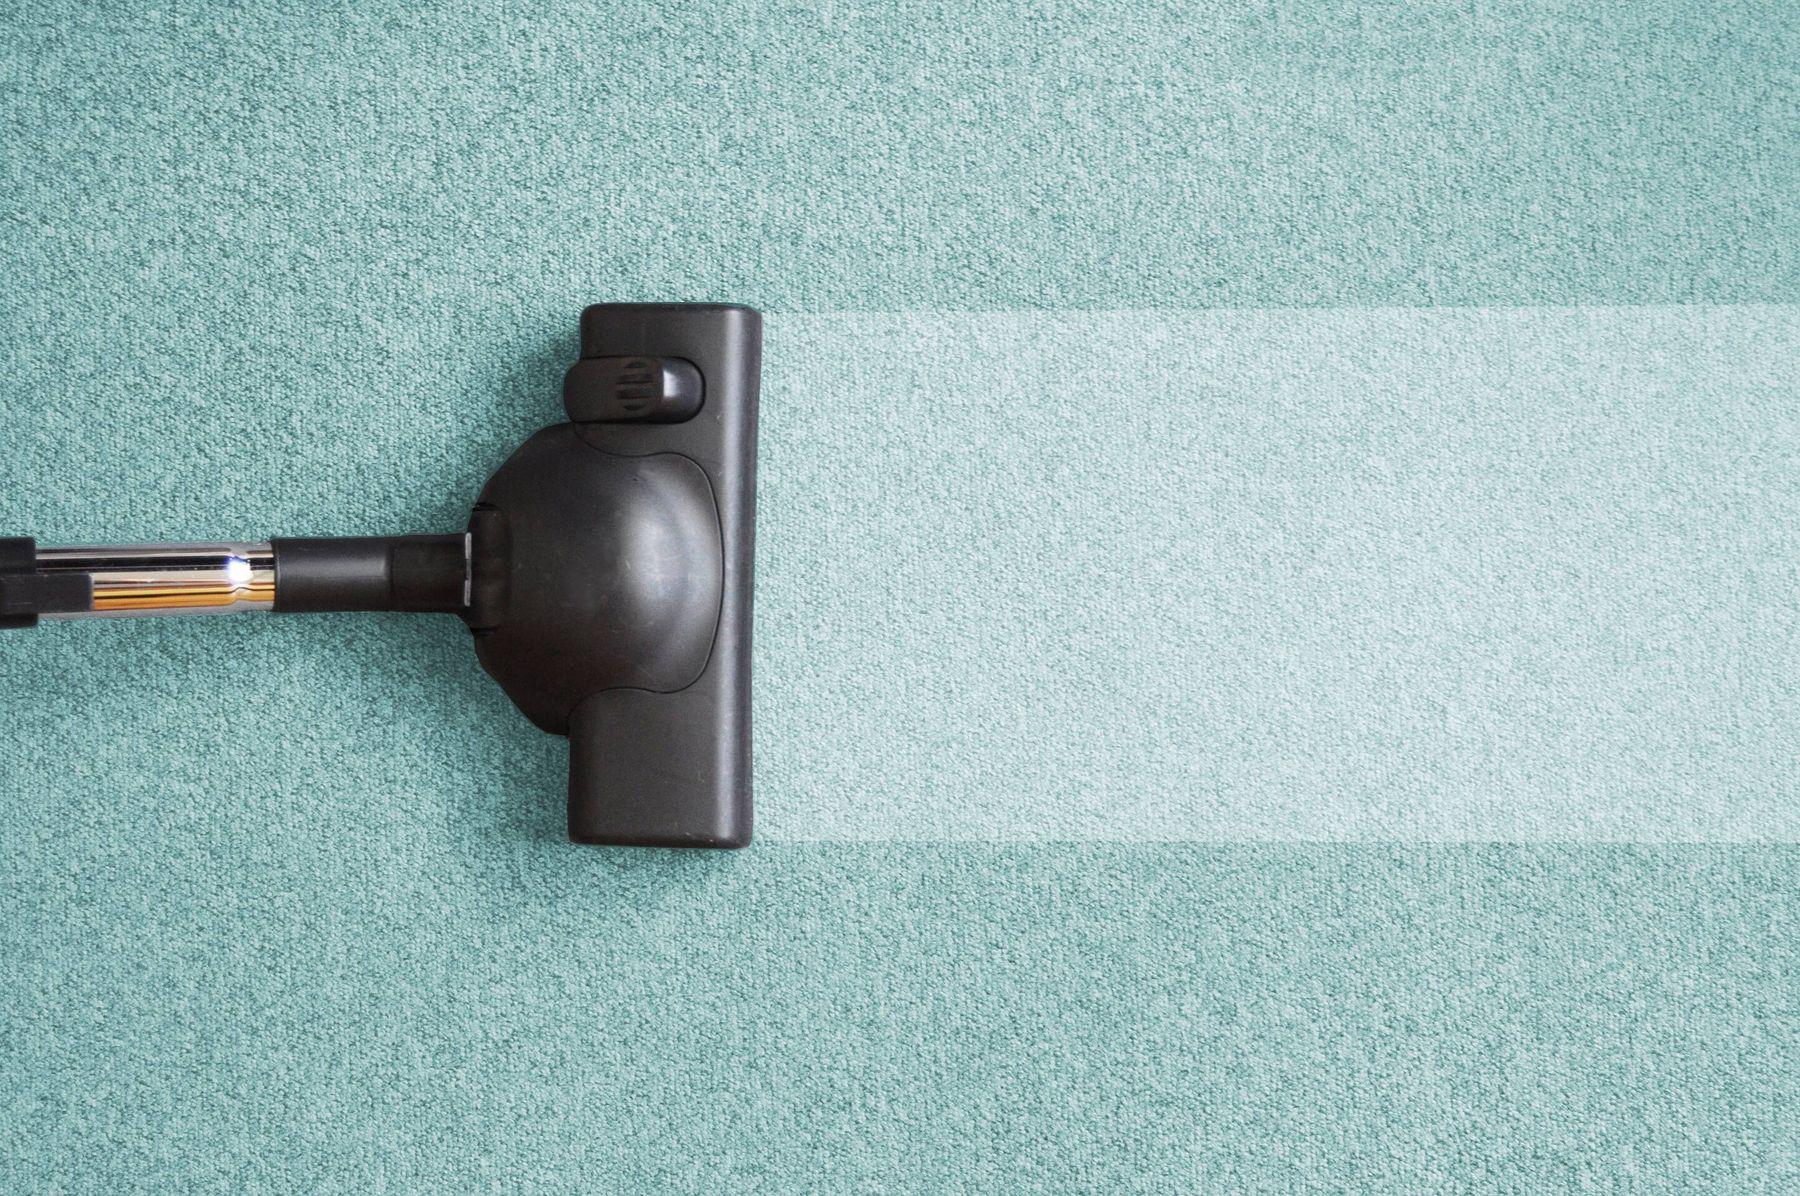 vacuum cleaner running over light blue carpet